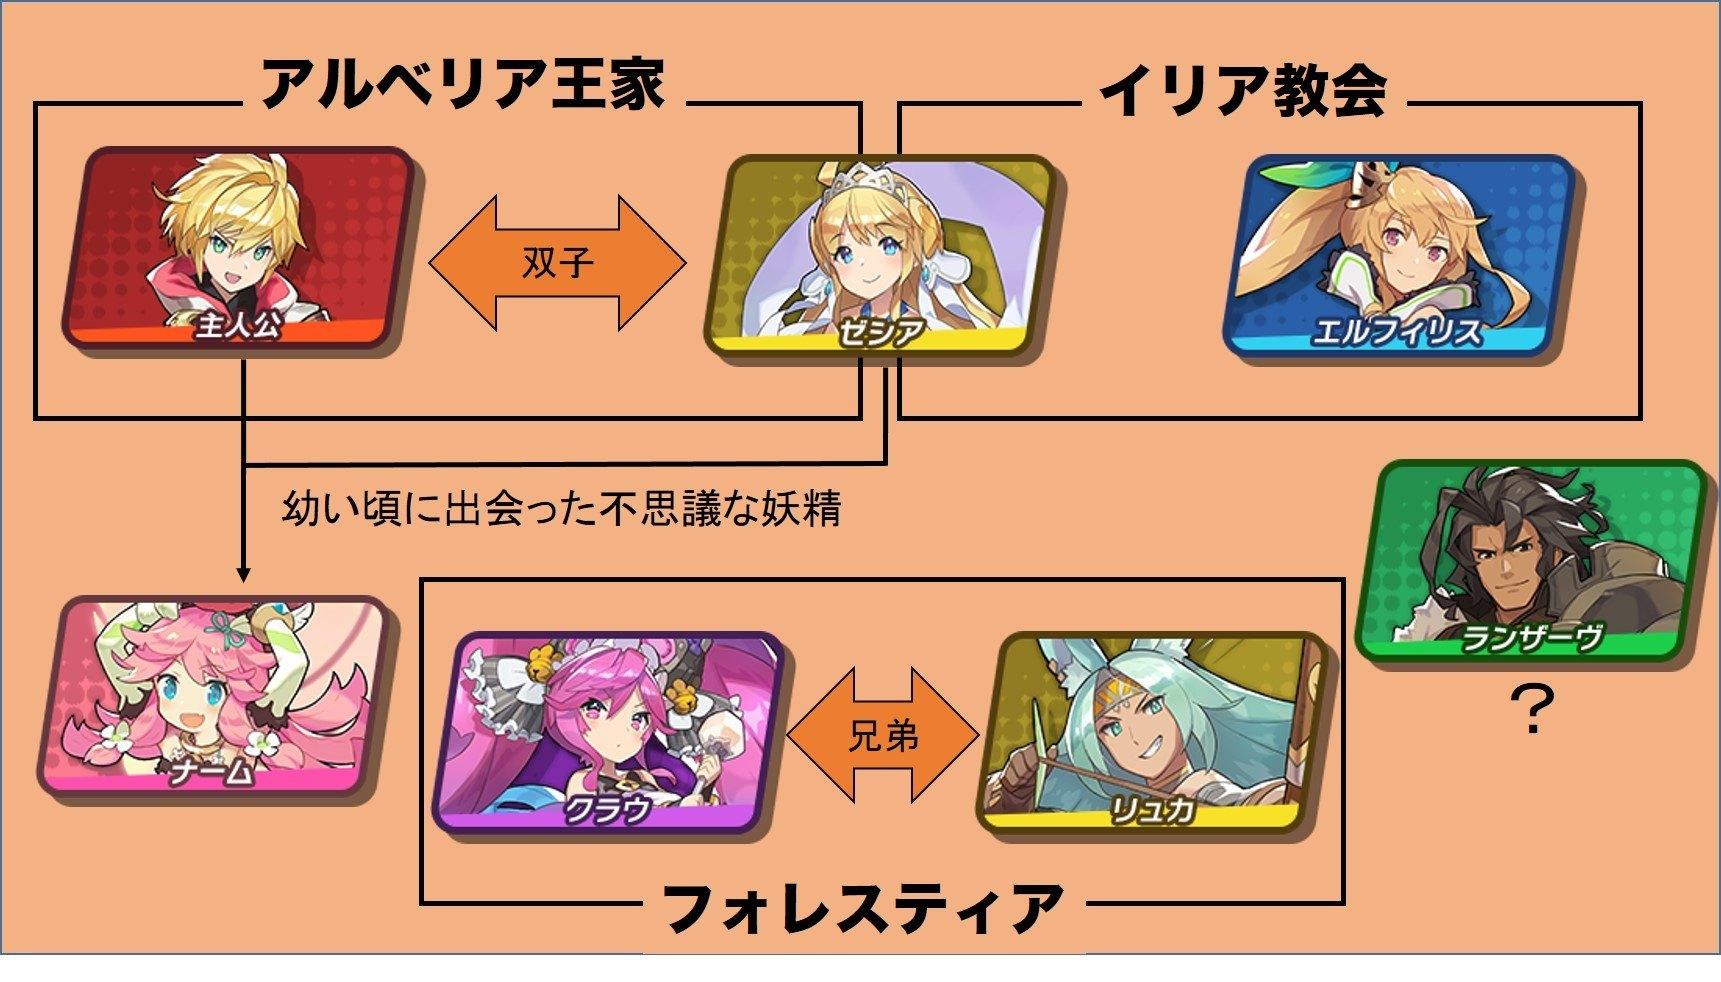 キャラクター相関図